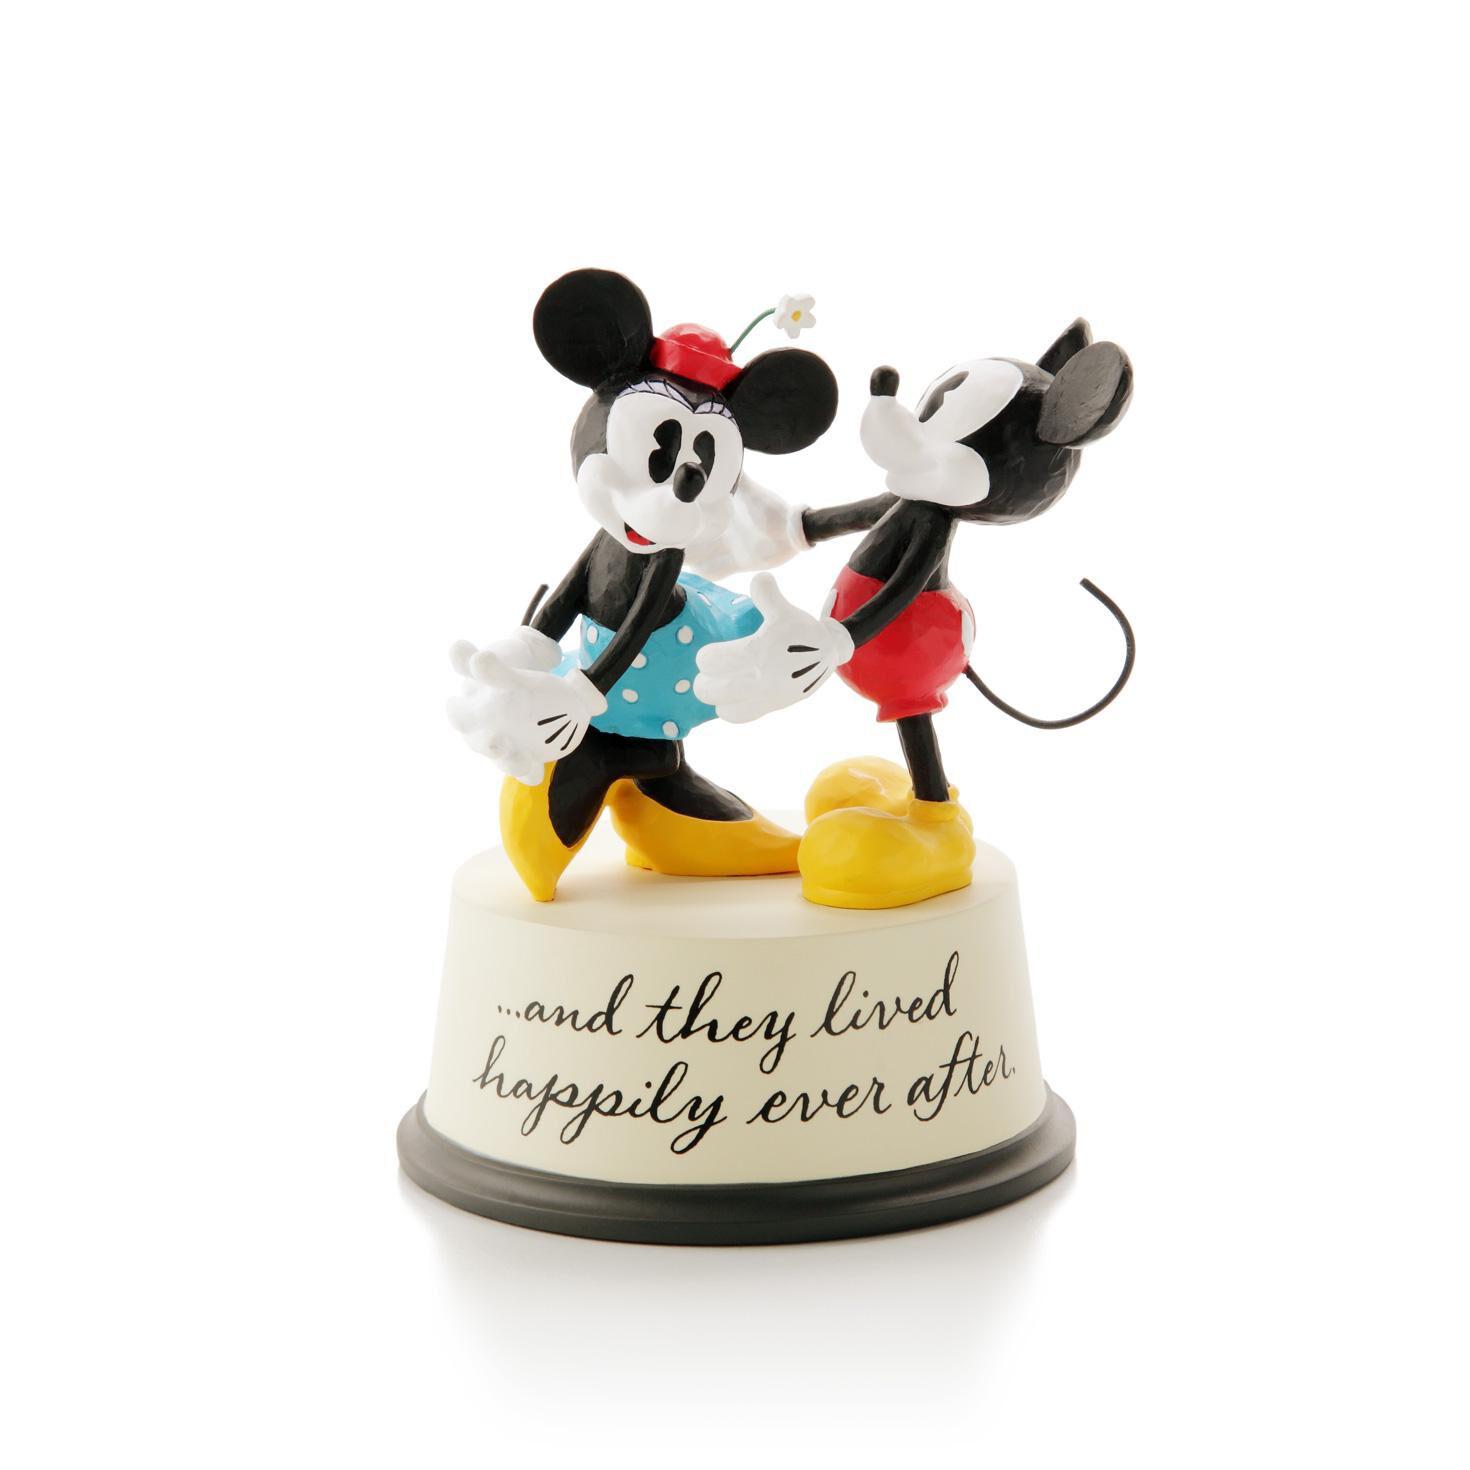 Mickey Mouse Figurine - Figurines - Hallmark